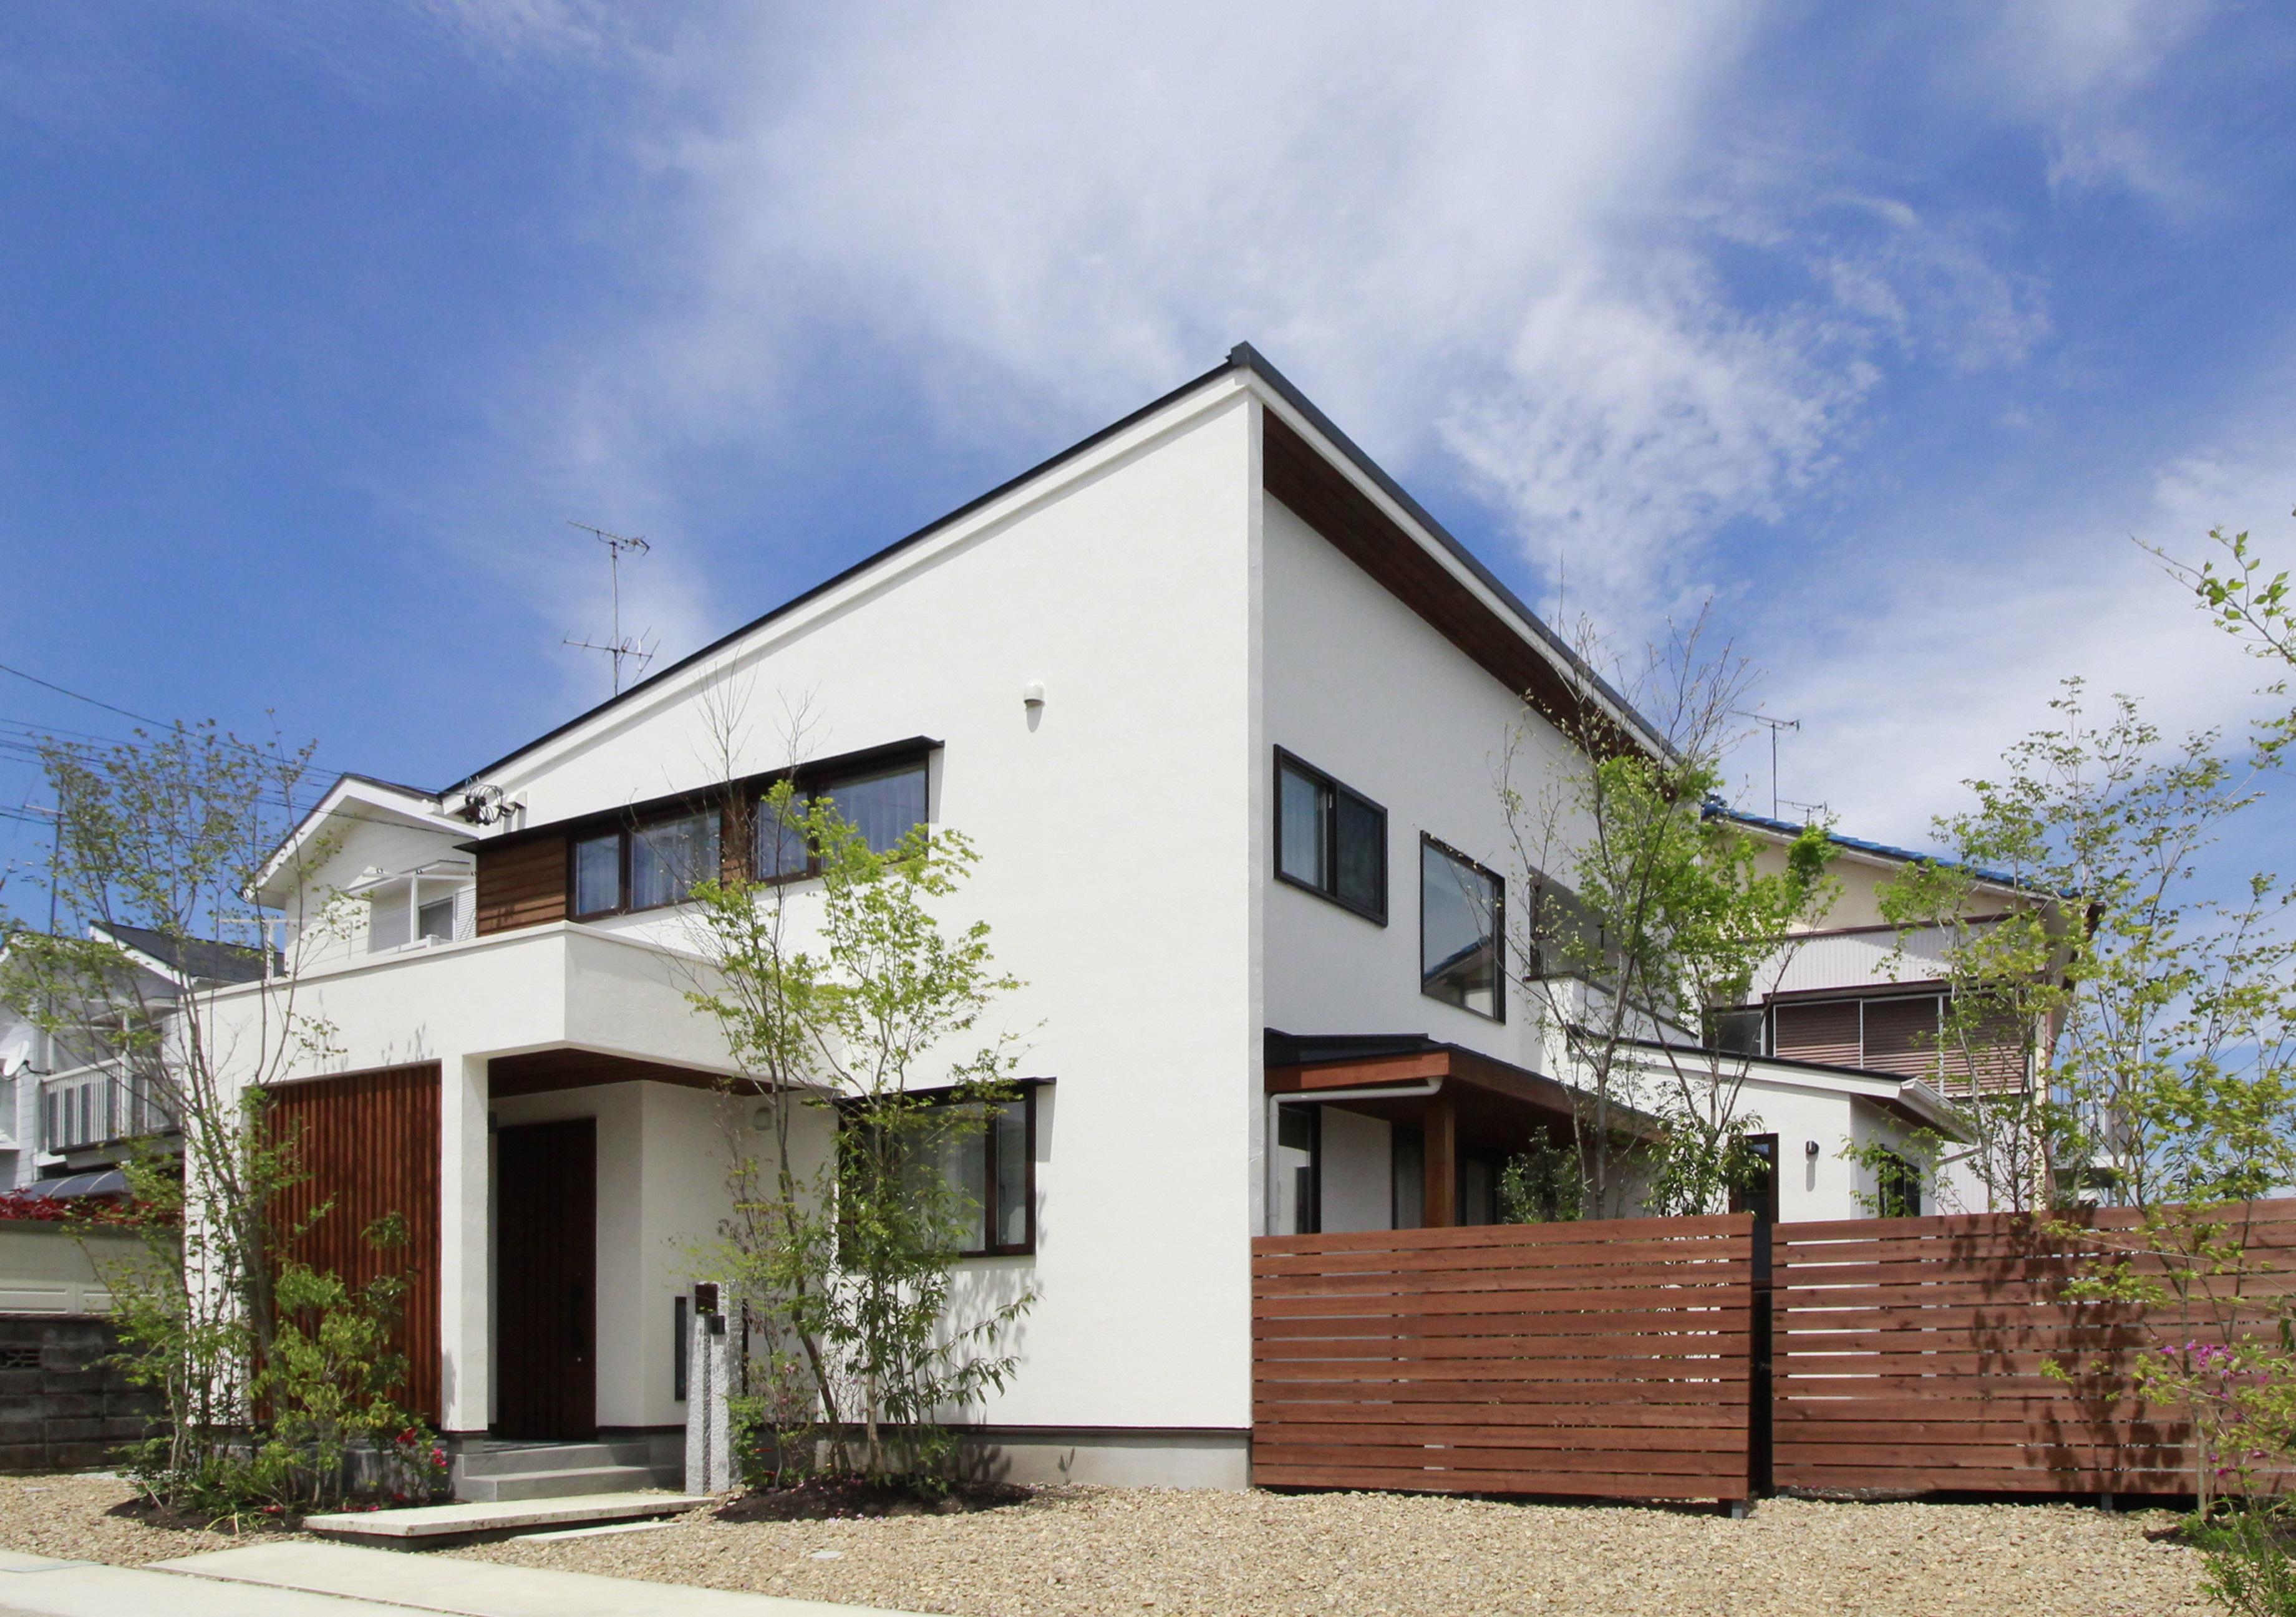 アイジースタイルハウス【デザイン住宅、自然素材、省エネ】住むほどに愛着が増していくデザインがM邸のコンセプト。高木・中木・低木のバランスが絶妙な植栽が家族の成長を見守る